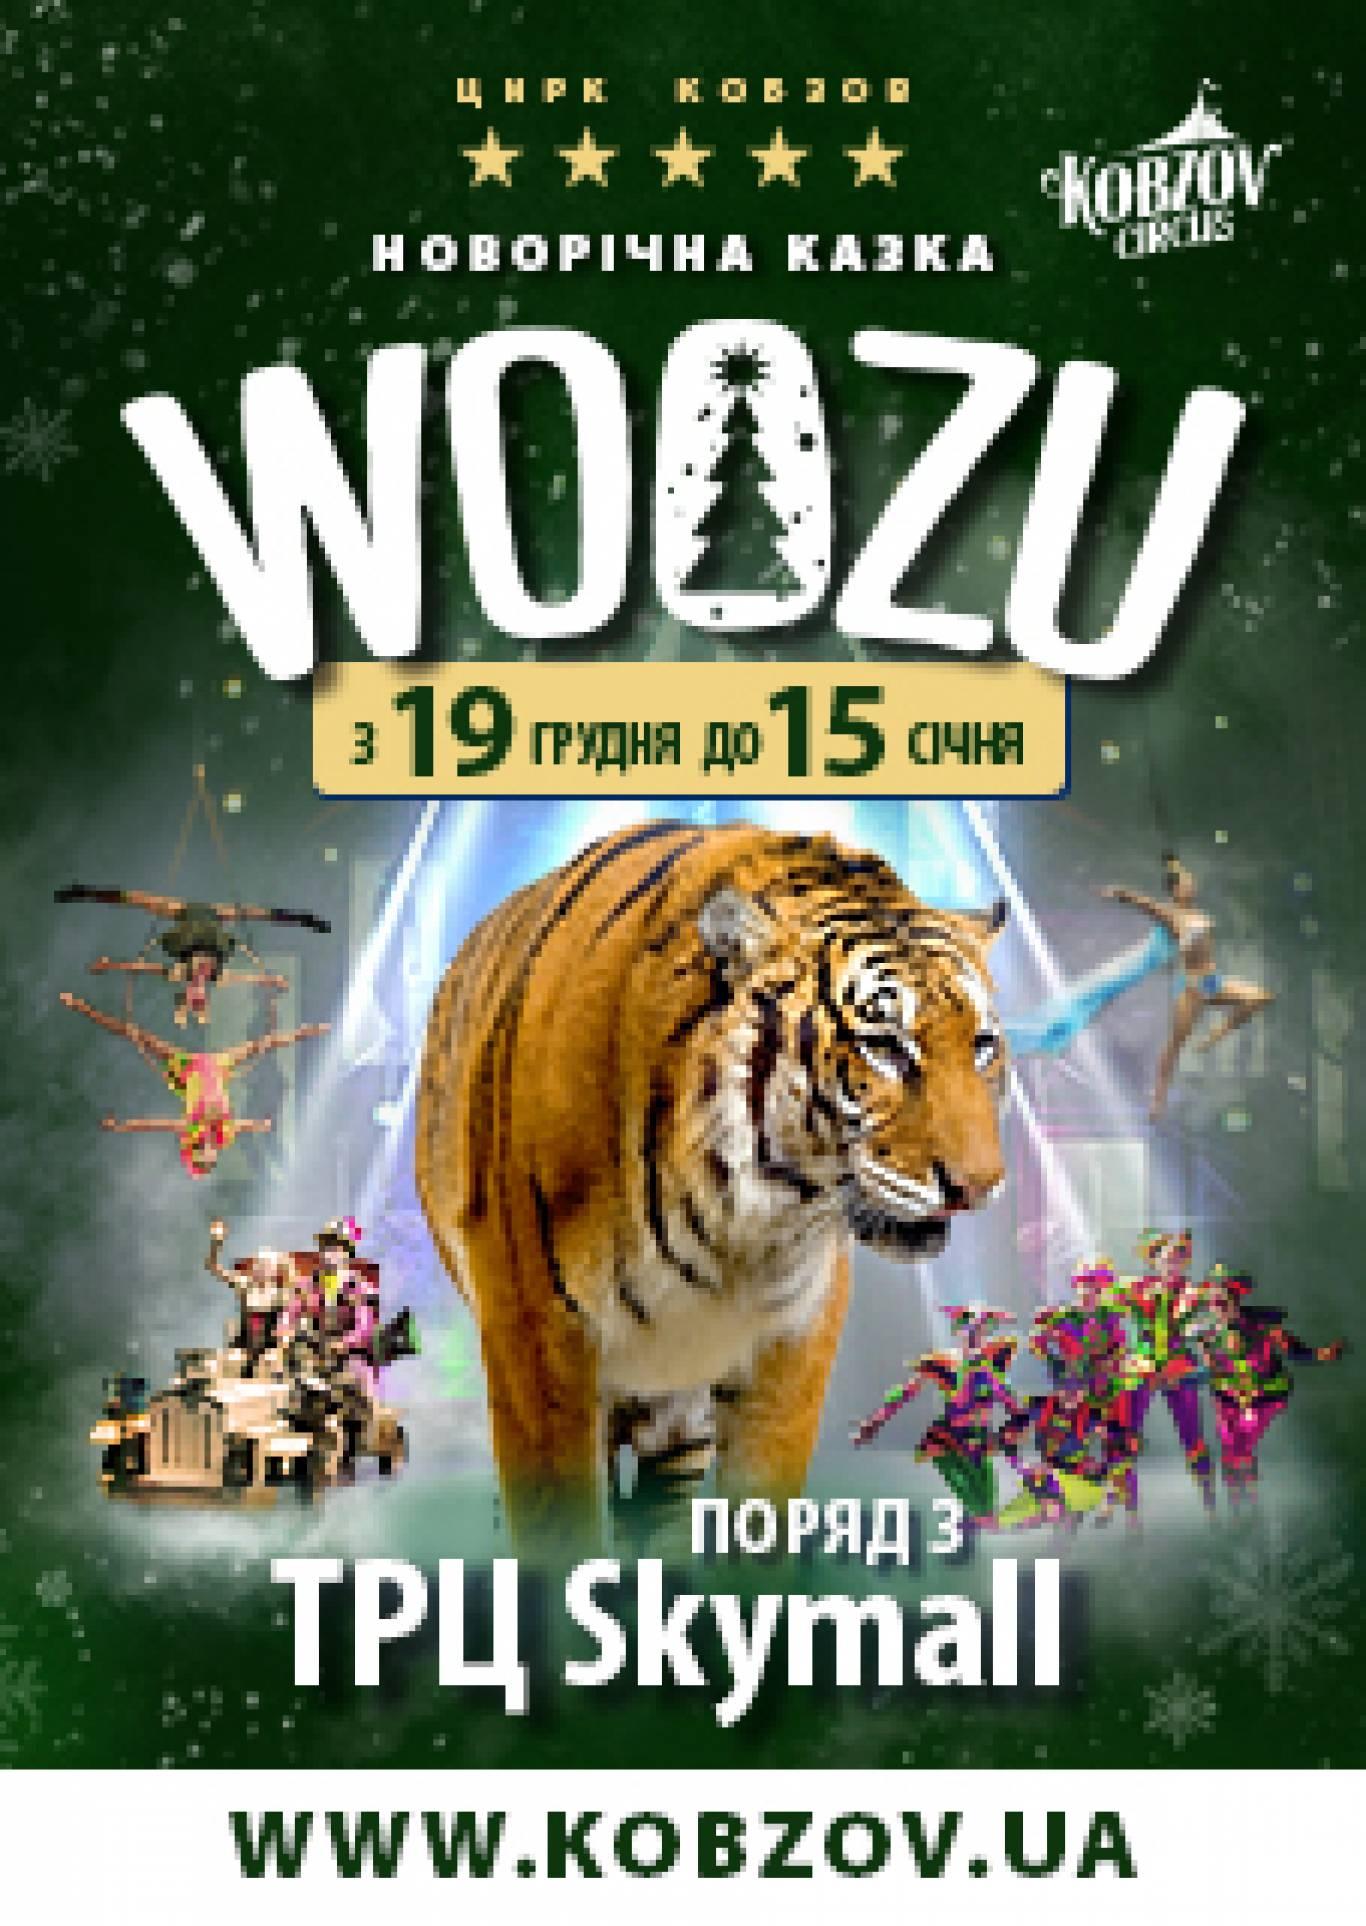 Новорічне шоу «WOOZU» від цирку «Кобзов»